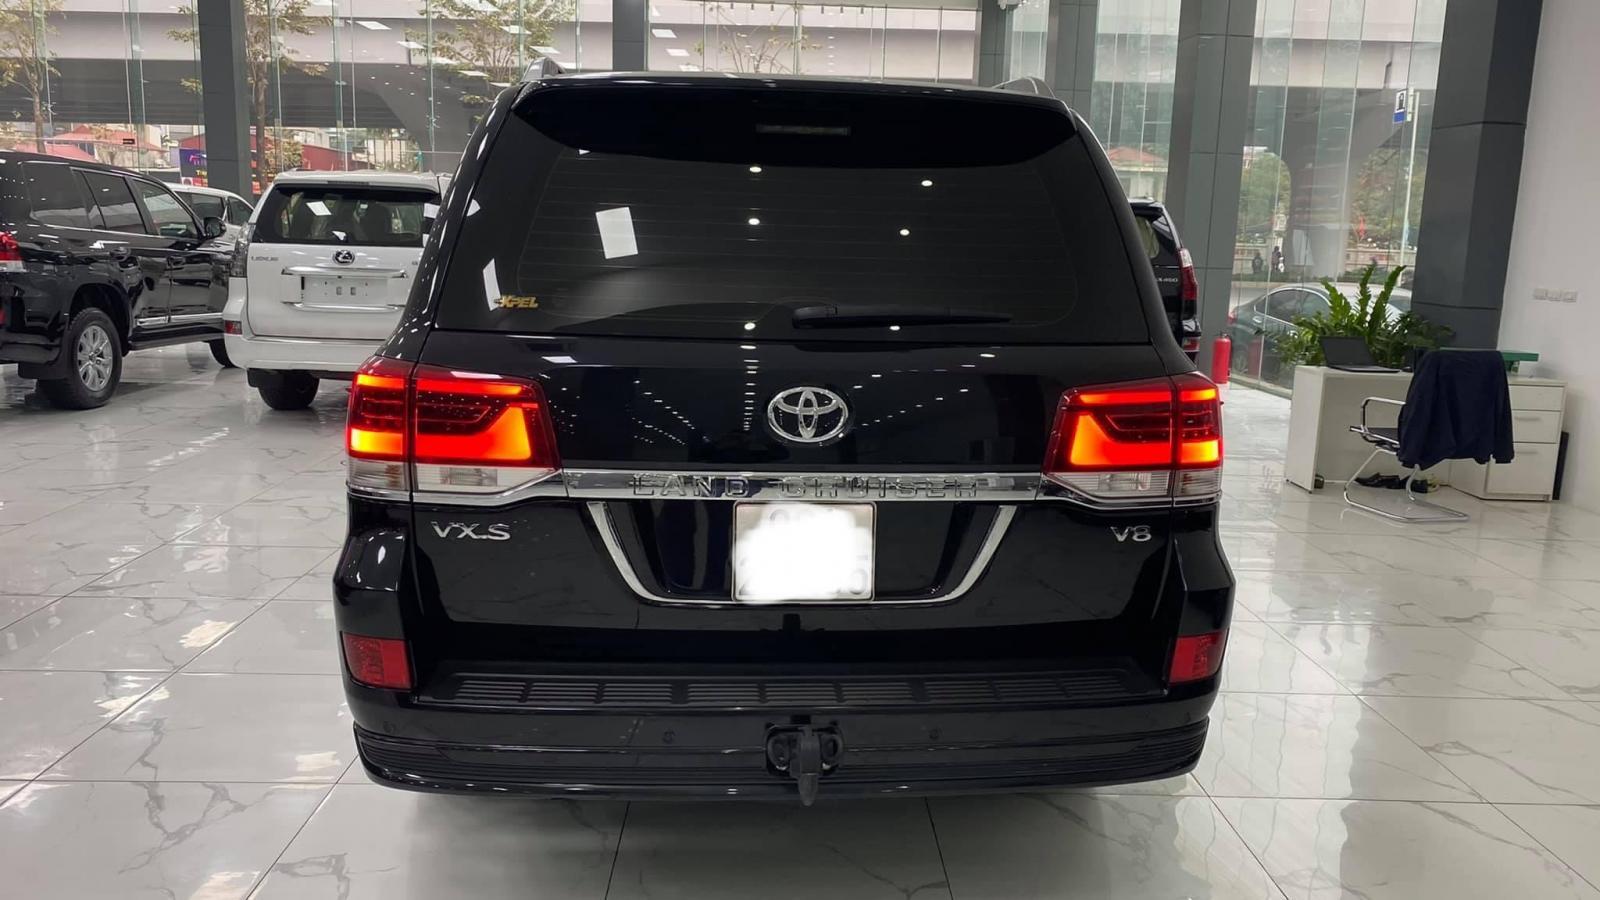 Toyota Land Cruiser 4.6 VXS Trung Đông màu đen, nội thất nâu, đăng ký 2020 chưa lăn bánh